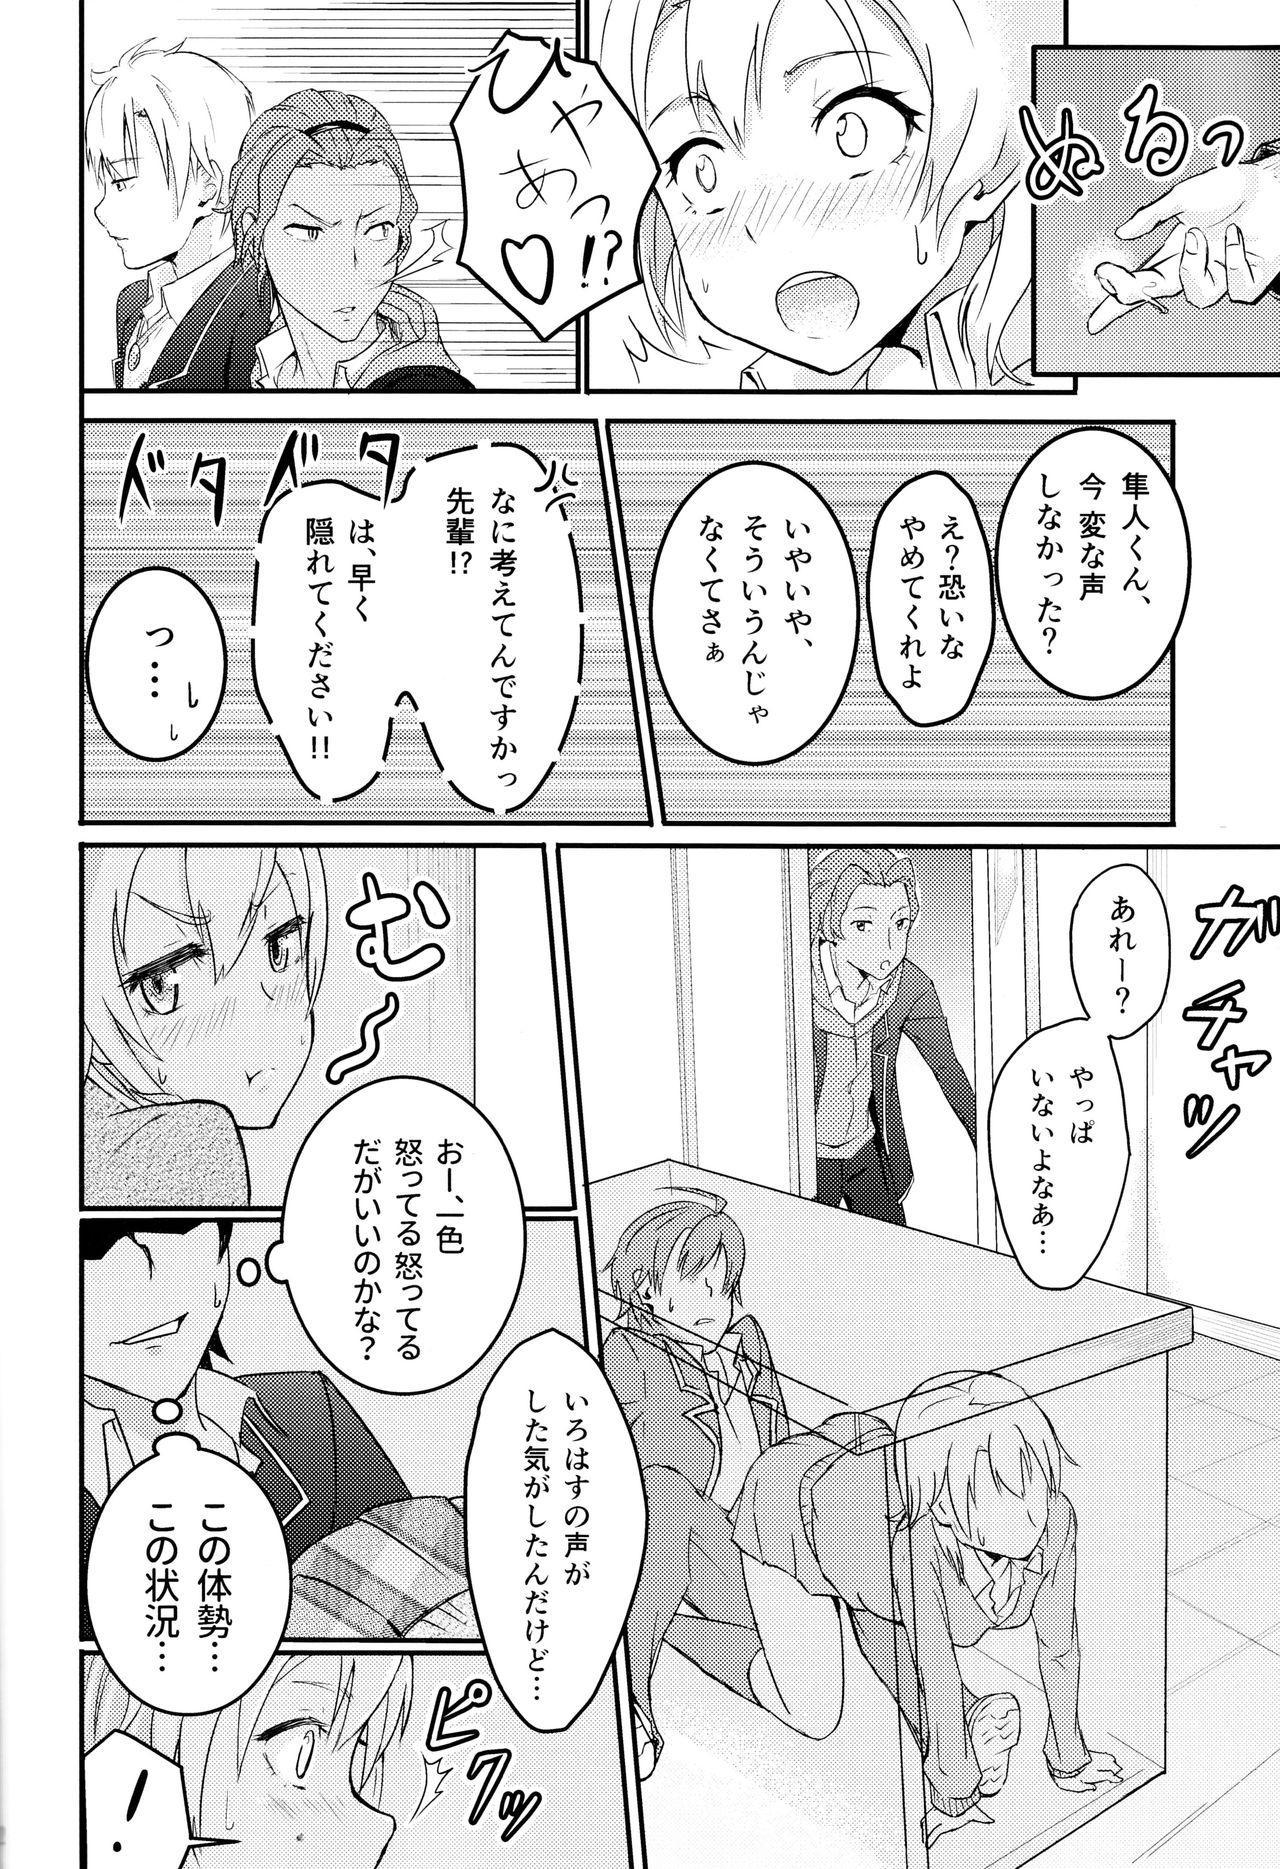 Iroha 10